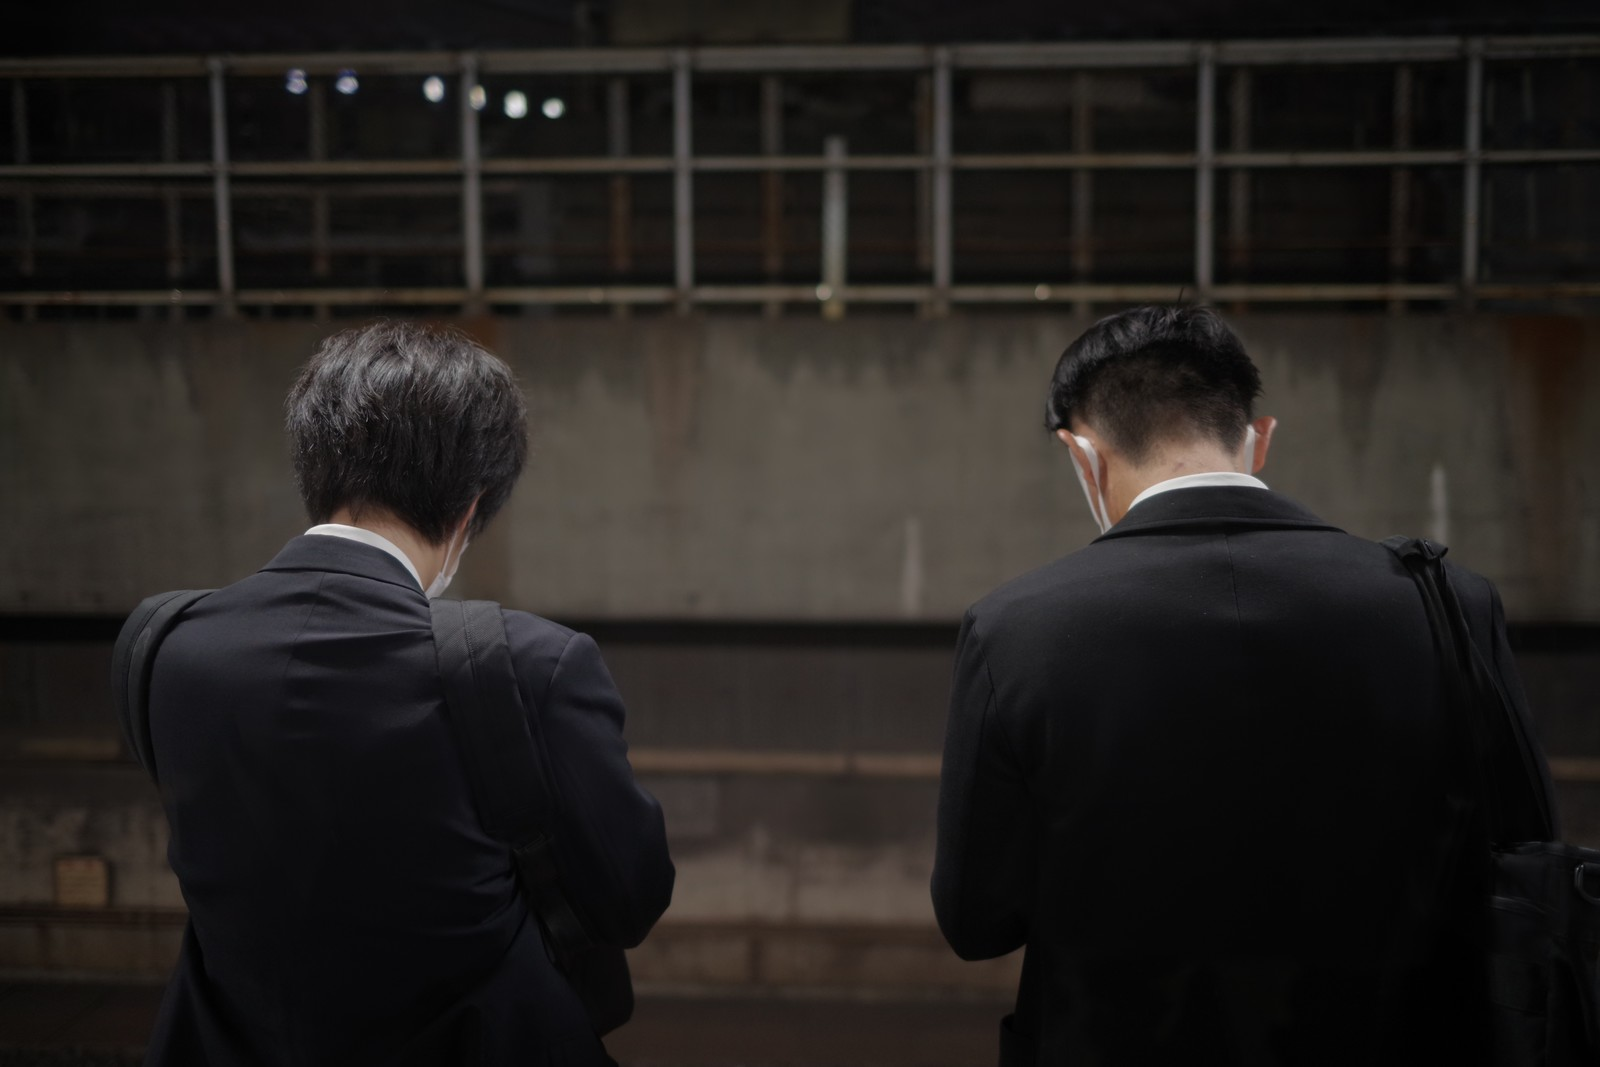 「電車を待つサラリーマンの後ろ姿」の写真